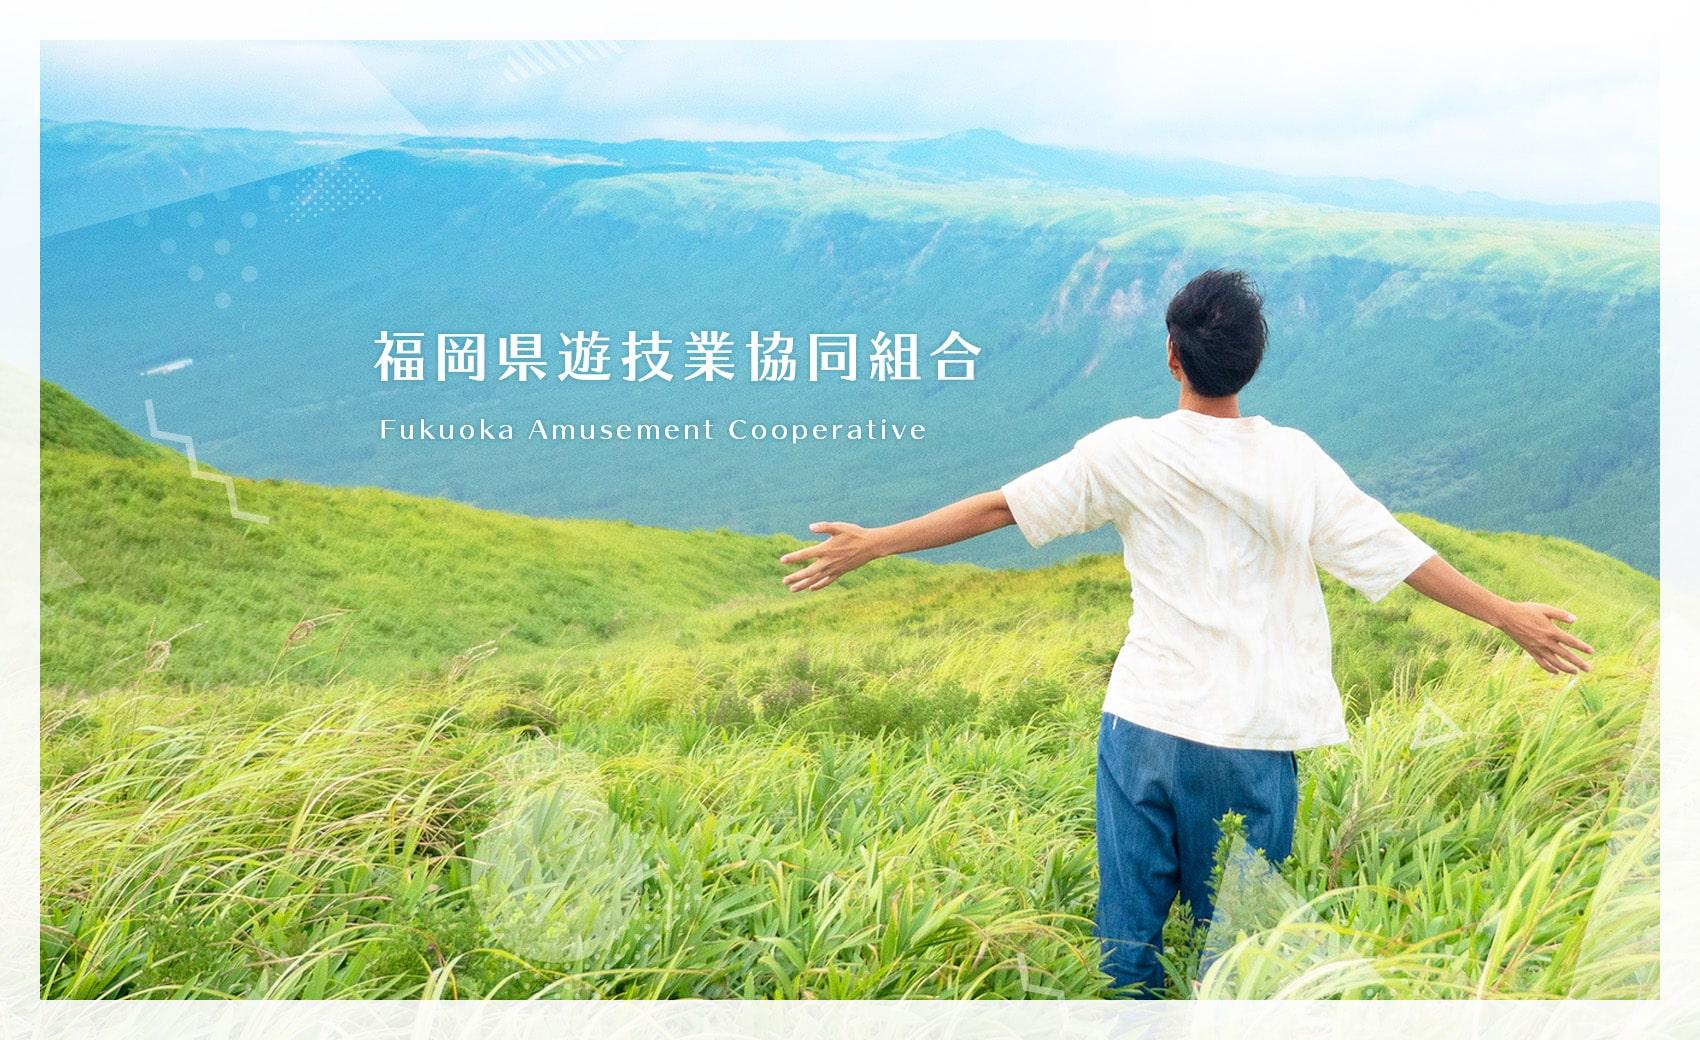 福岡県遊技業協同組合